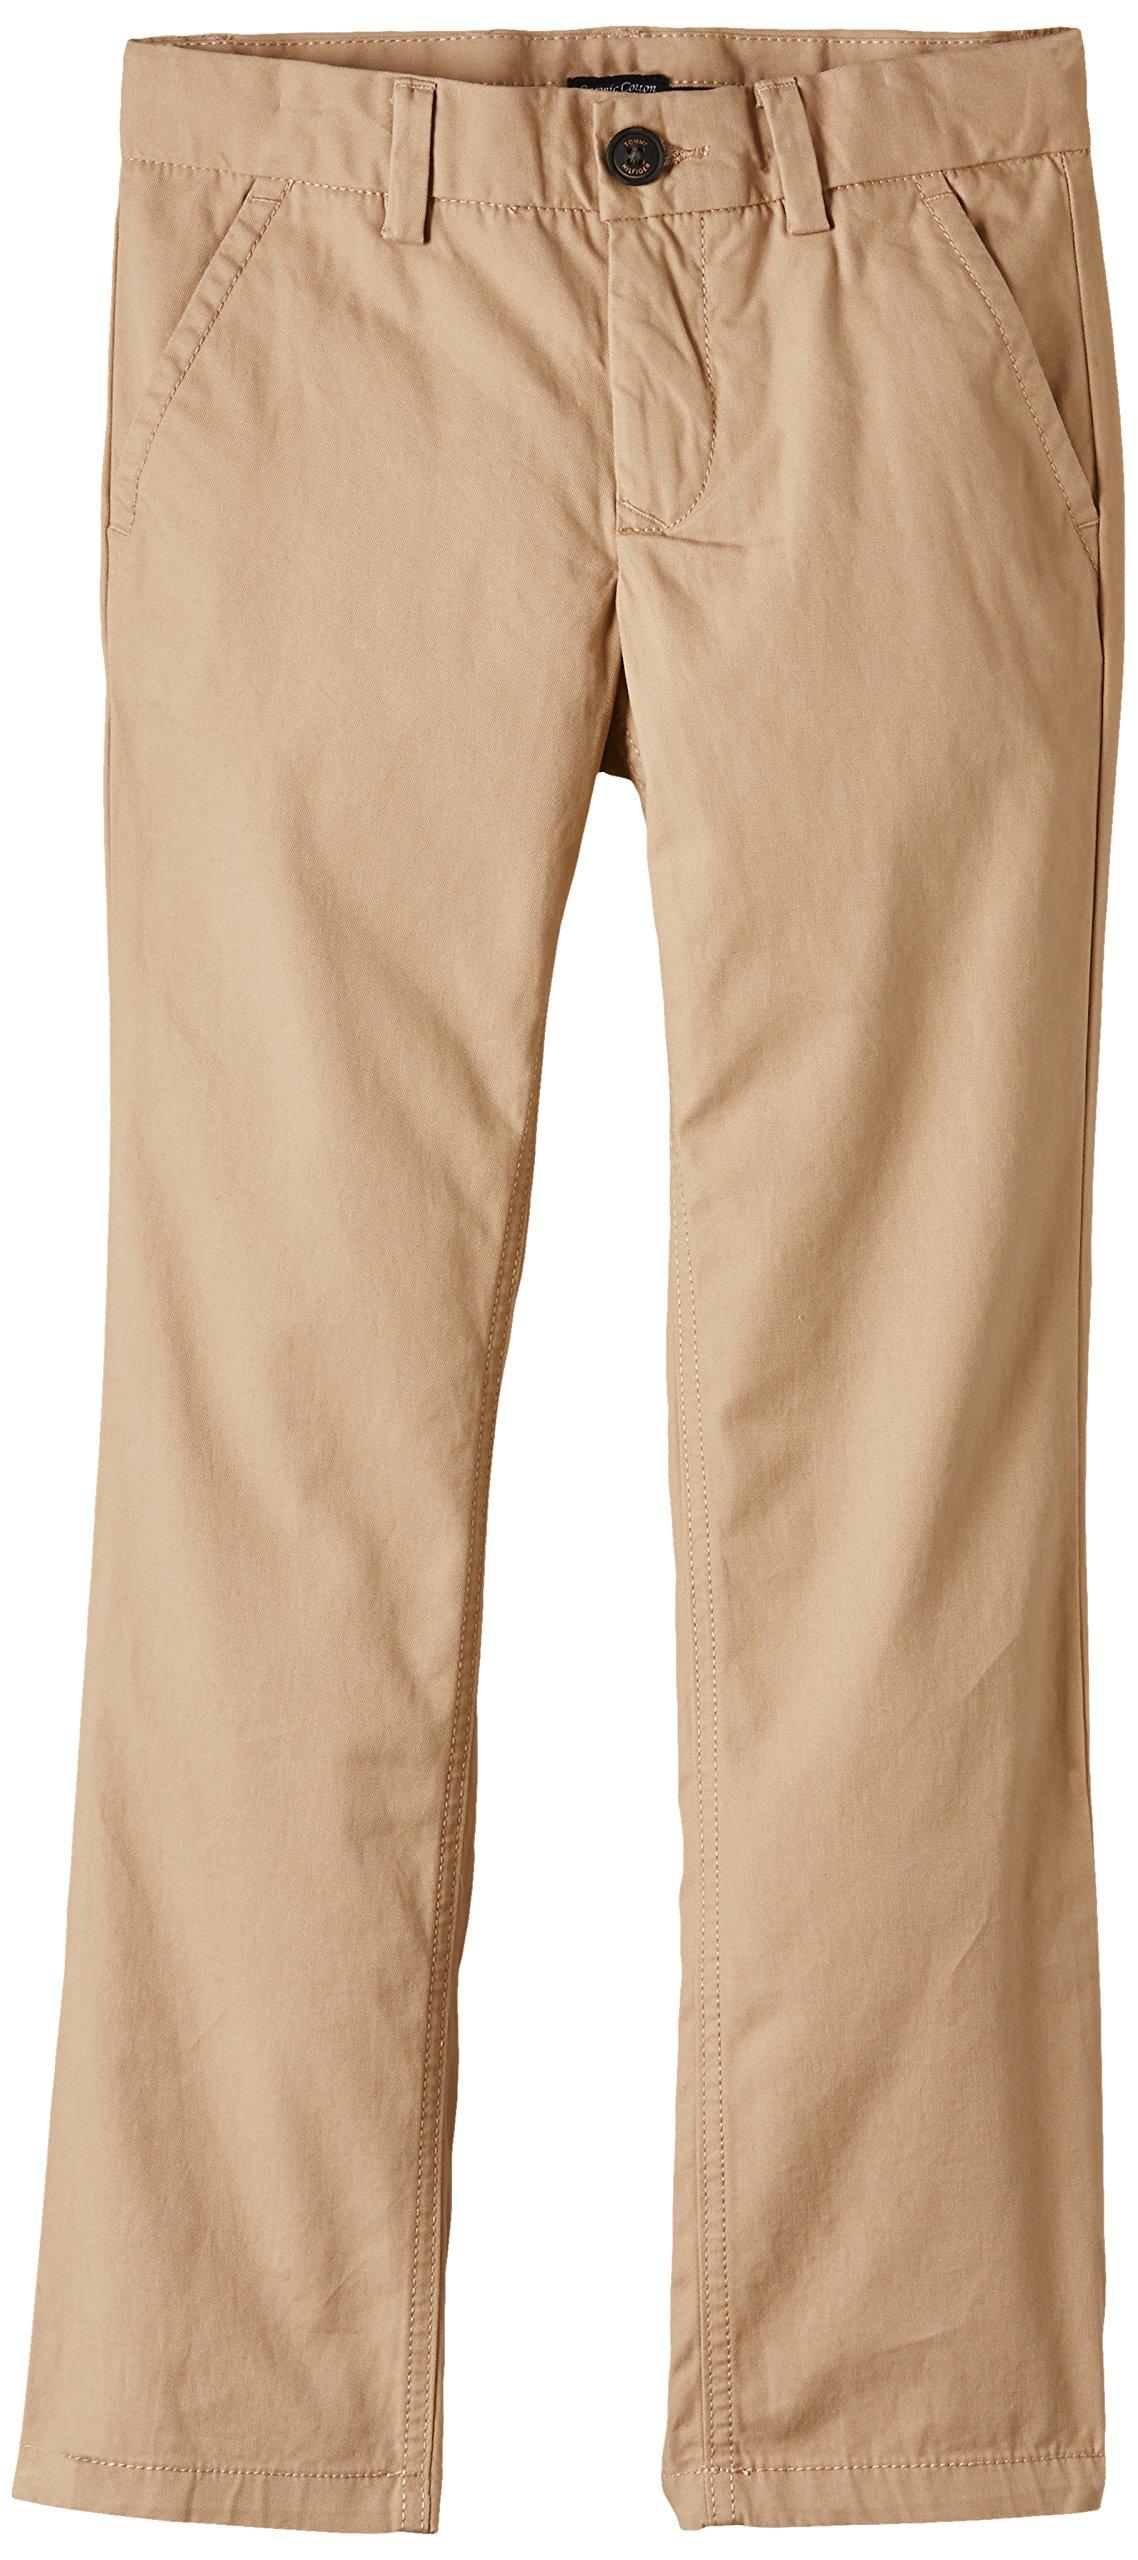 Tommy Hilfiger Mercer Chino BTO Pantalones para Niños